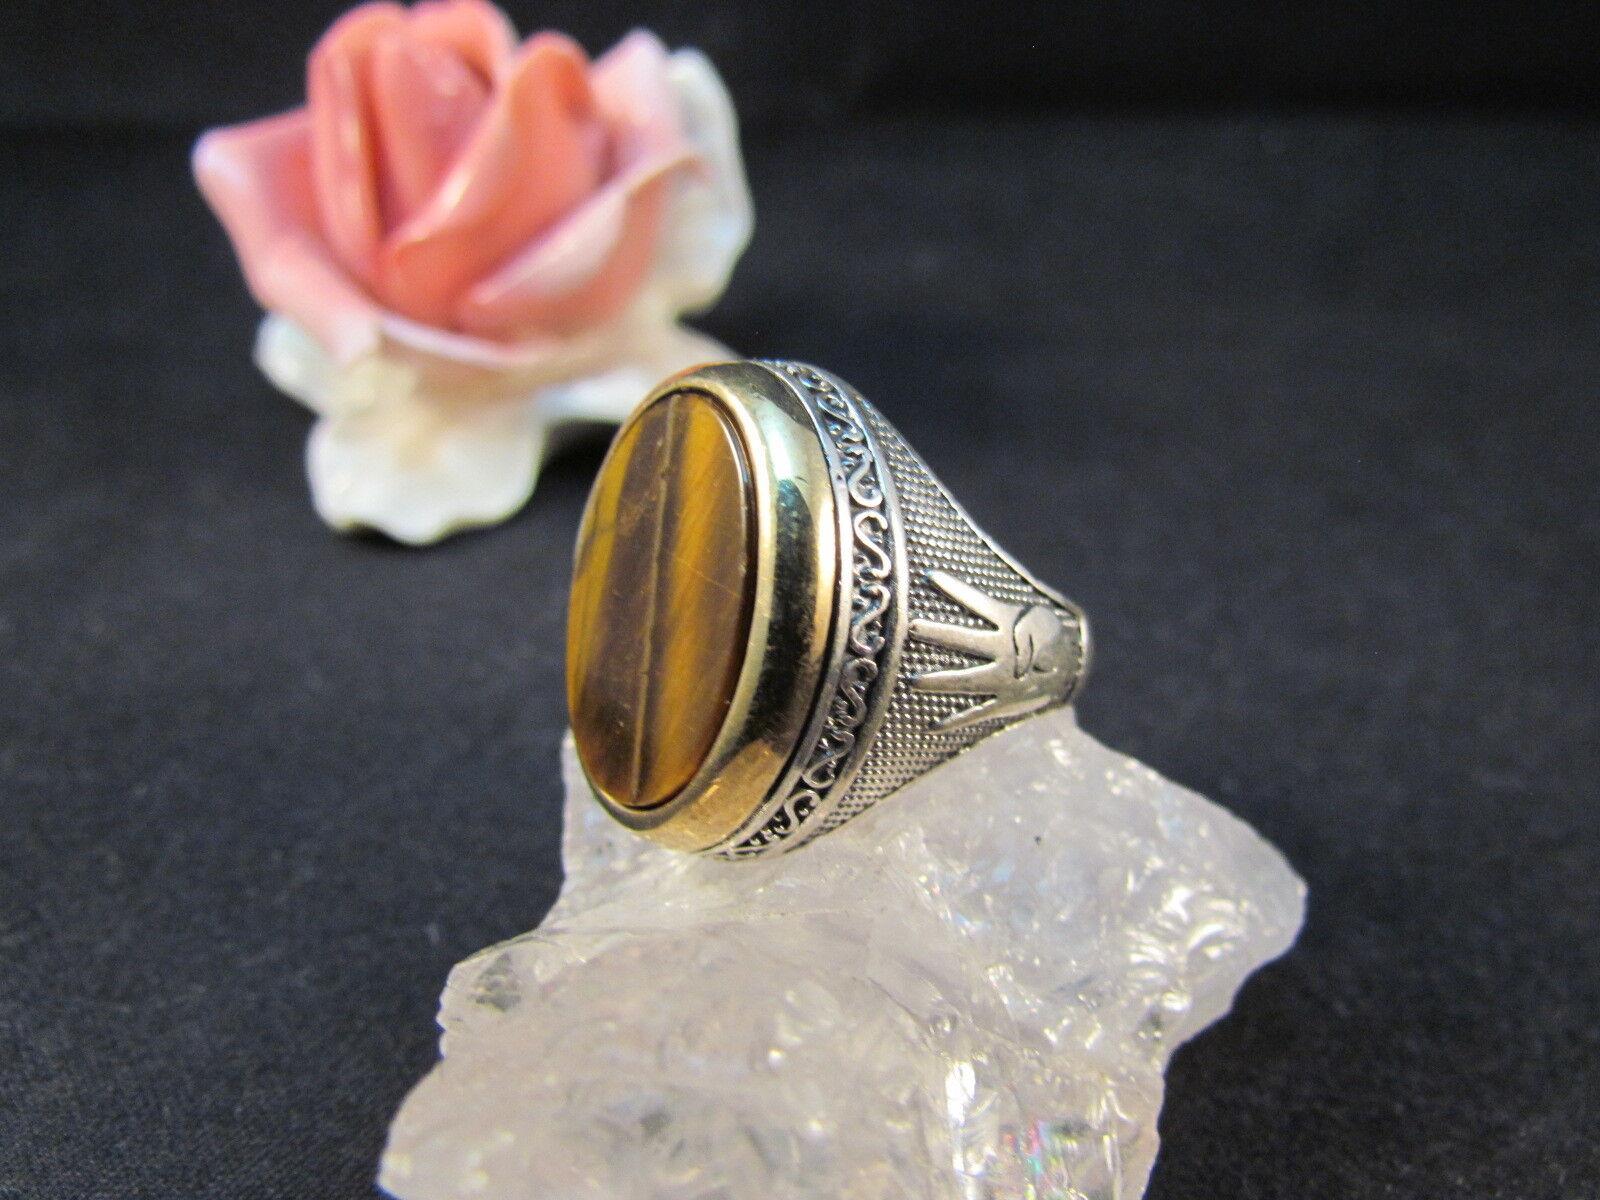 silverring Männerring Siegelring Ring Sterlingsilver 925 Handarbeit Tigerauge 61